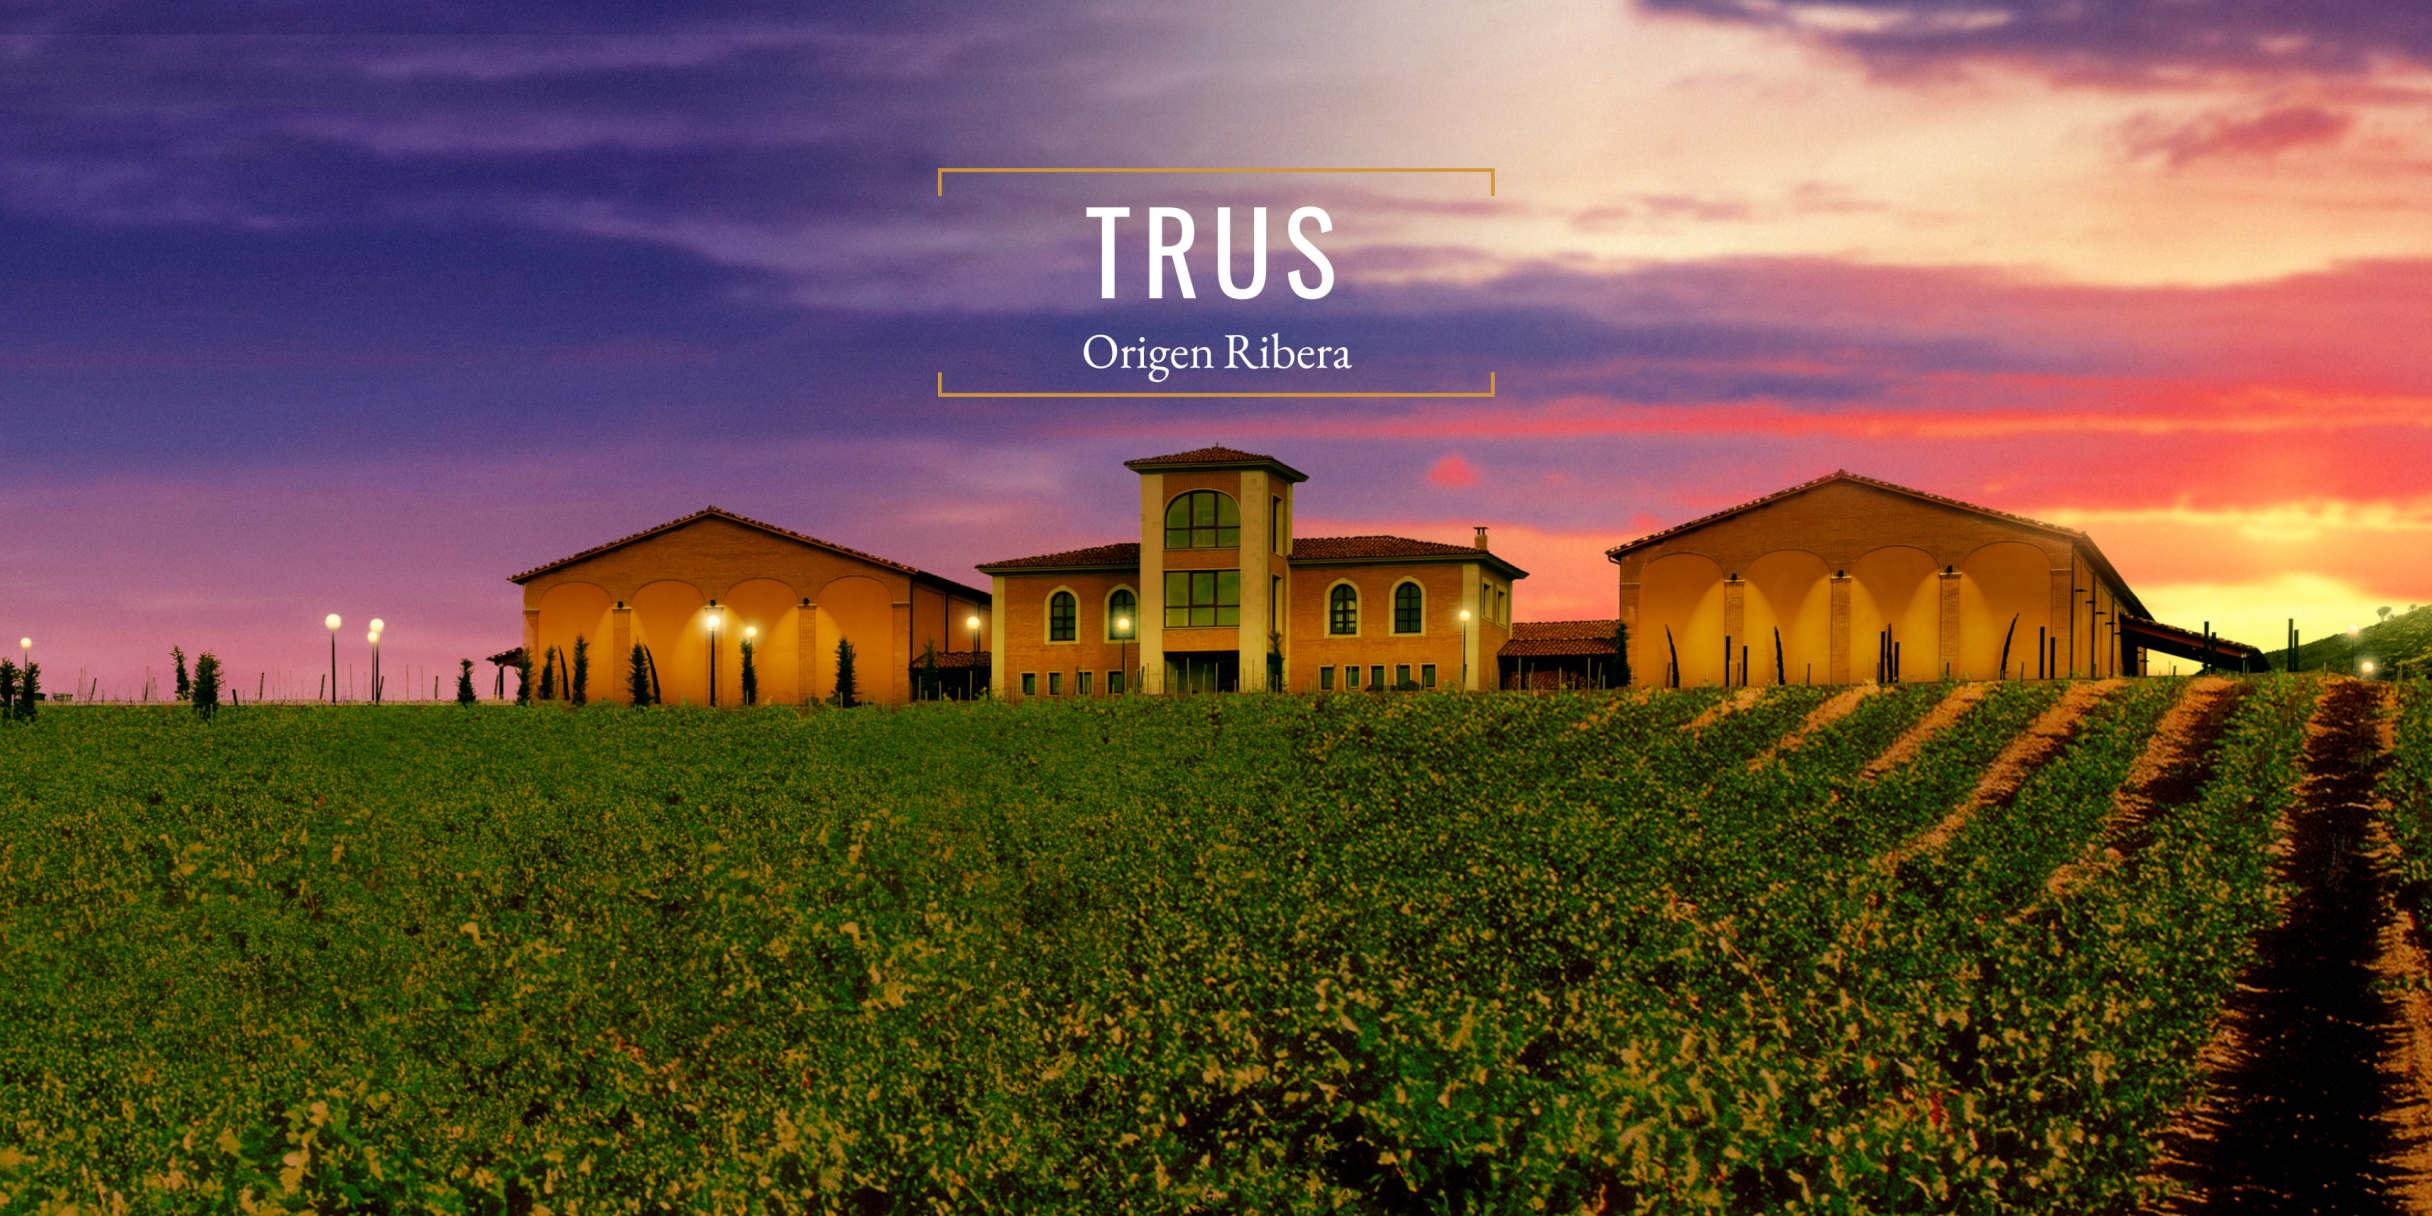 Domaine viticole trus ribera del duero